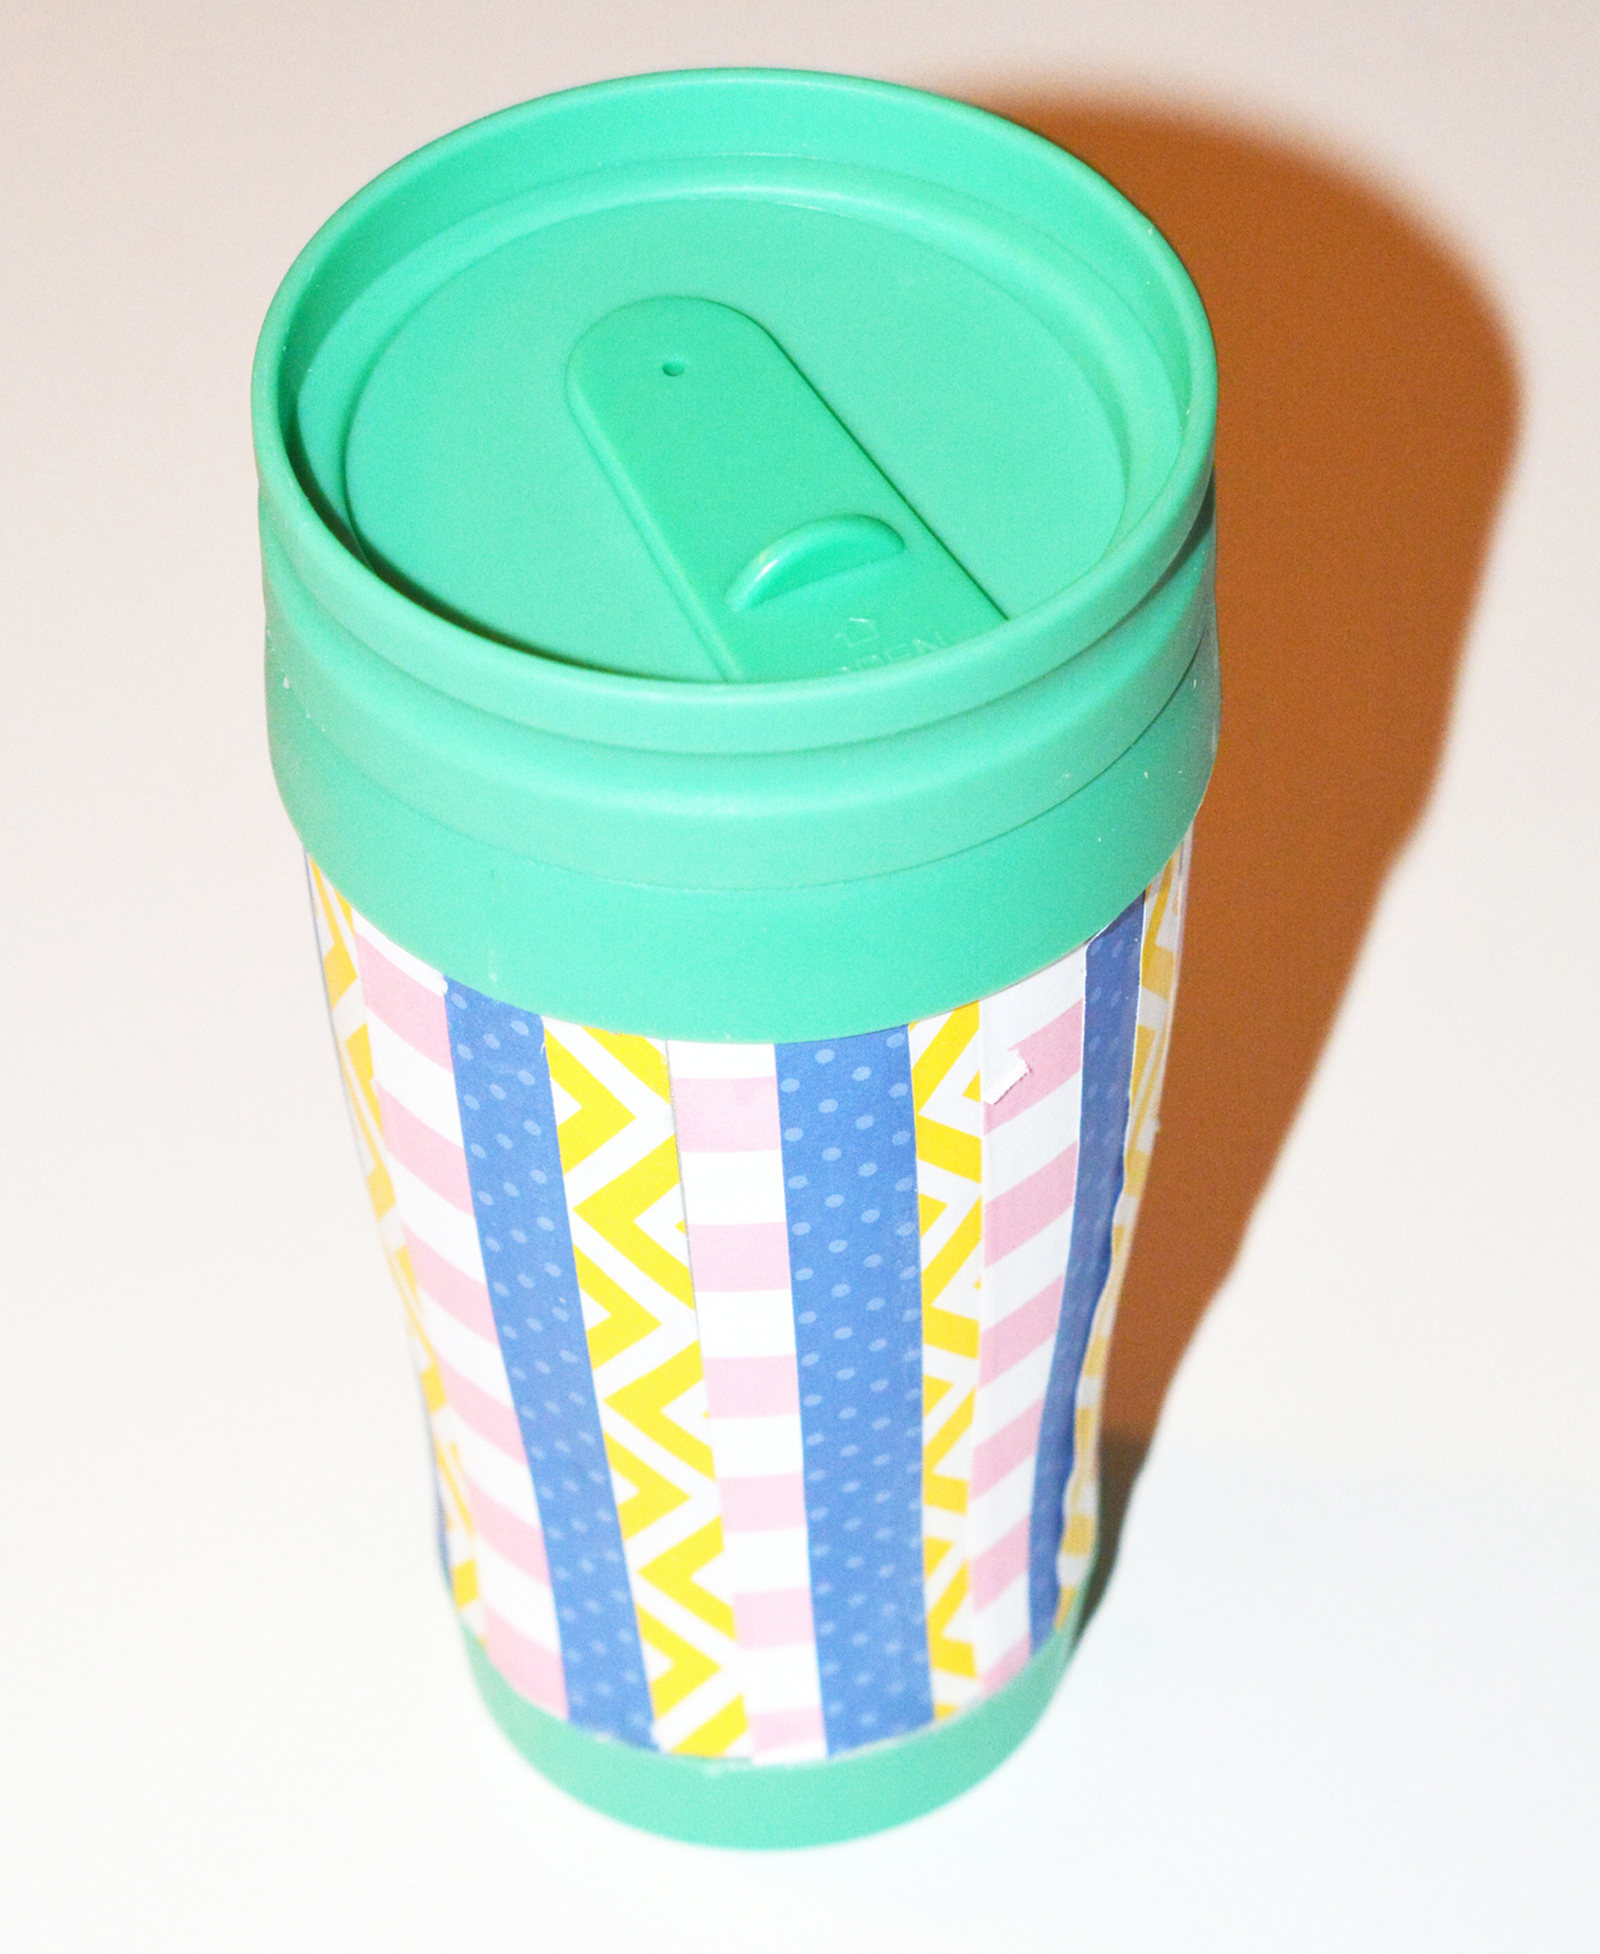 Finished decorated travel mug